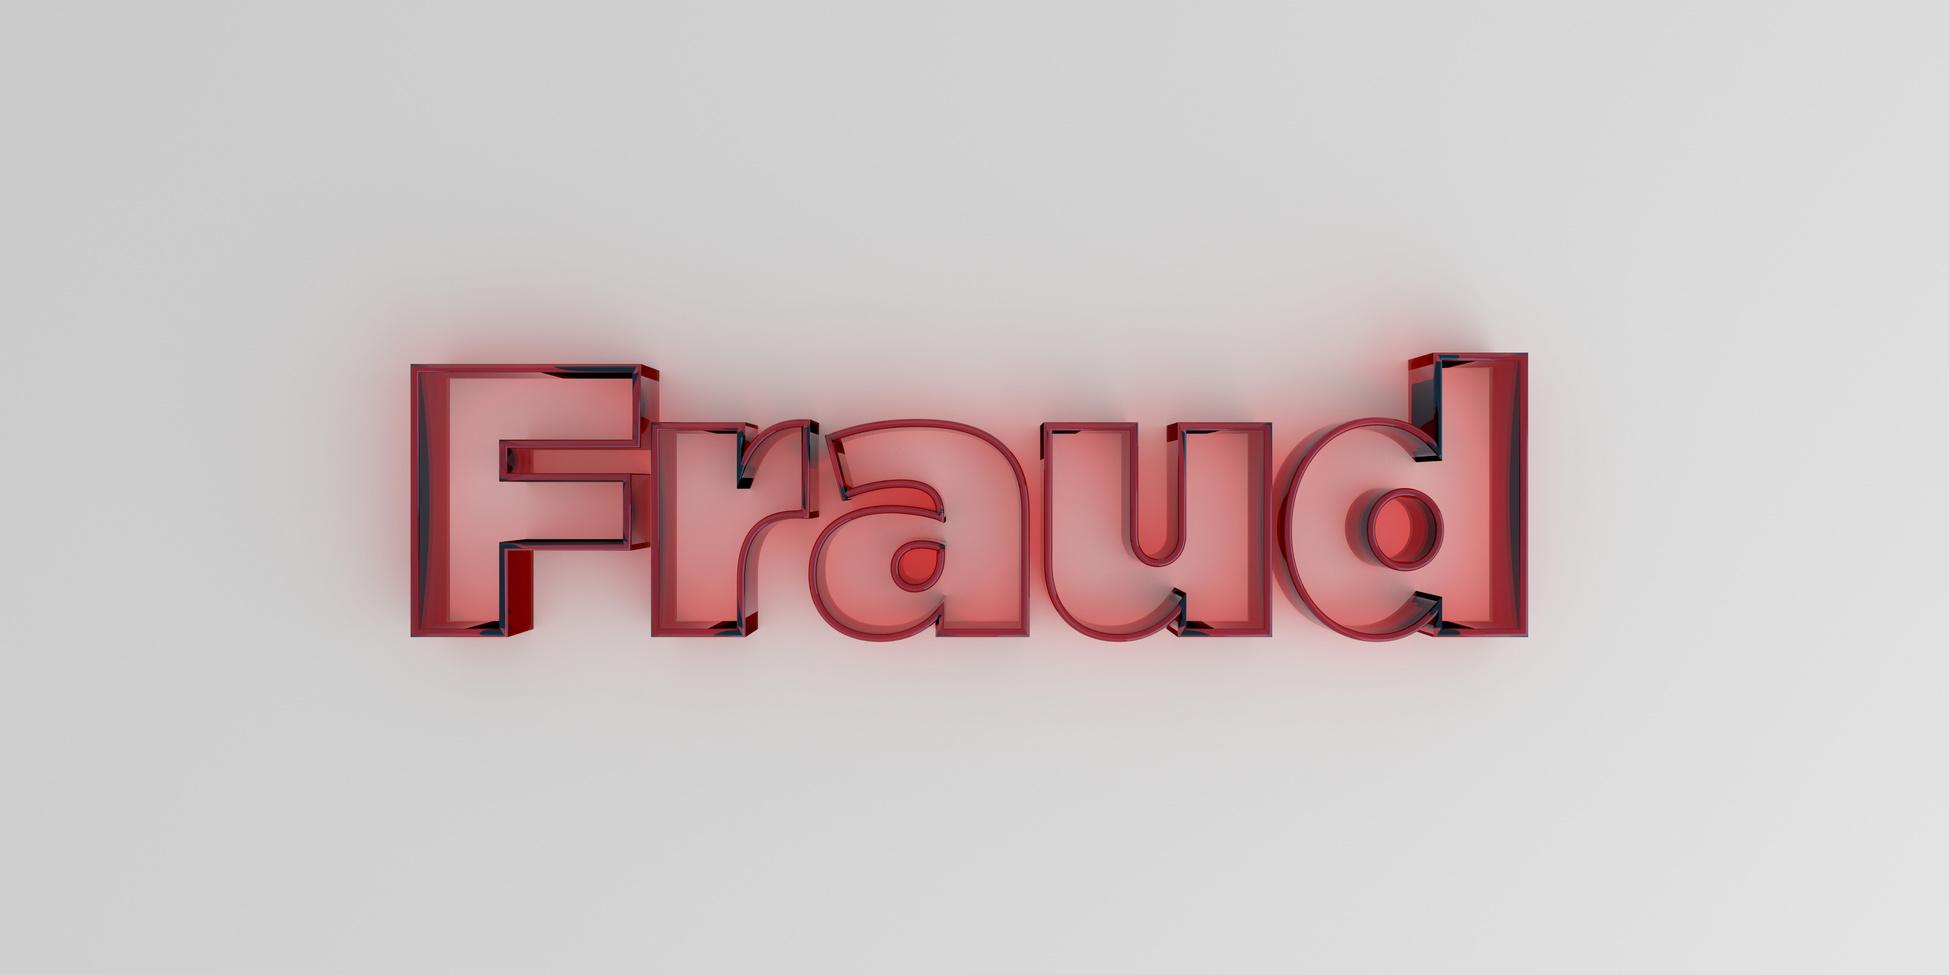 英国政府和银行计划制定反欺诈倡议